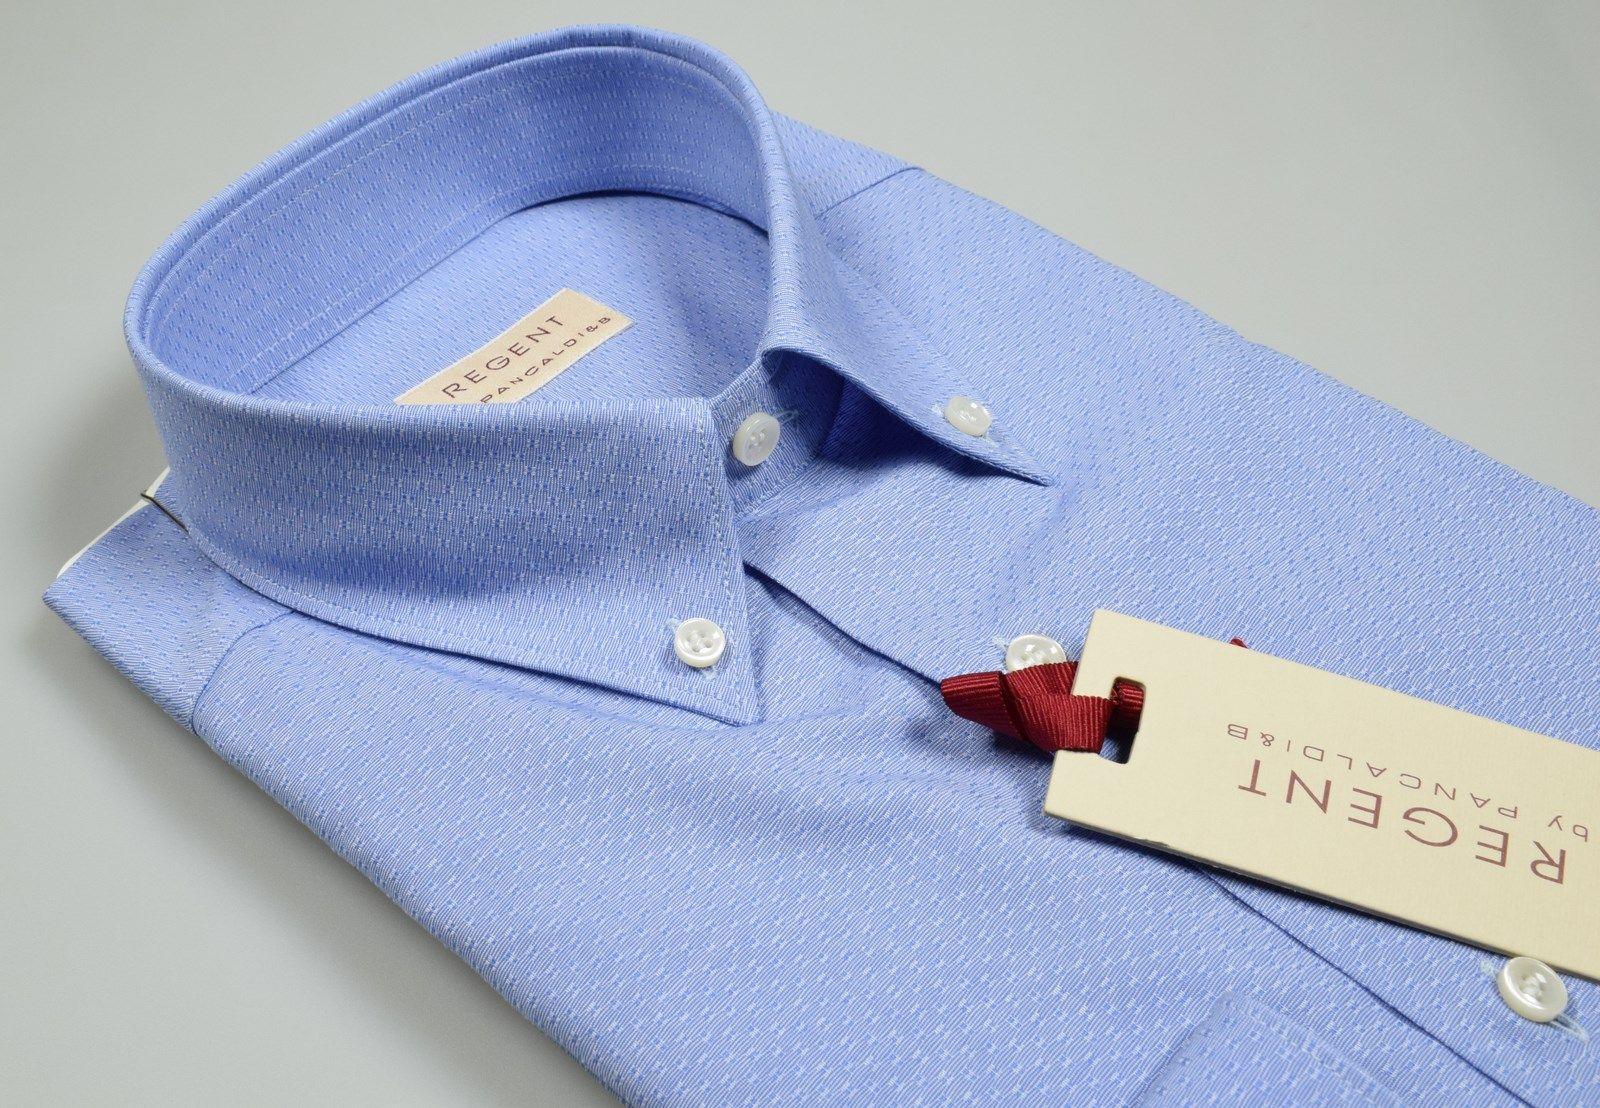 buy online 0e01d 2da39 Pancaldi Blue neck button down shirt with regular fit pocket ...